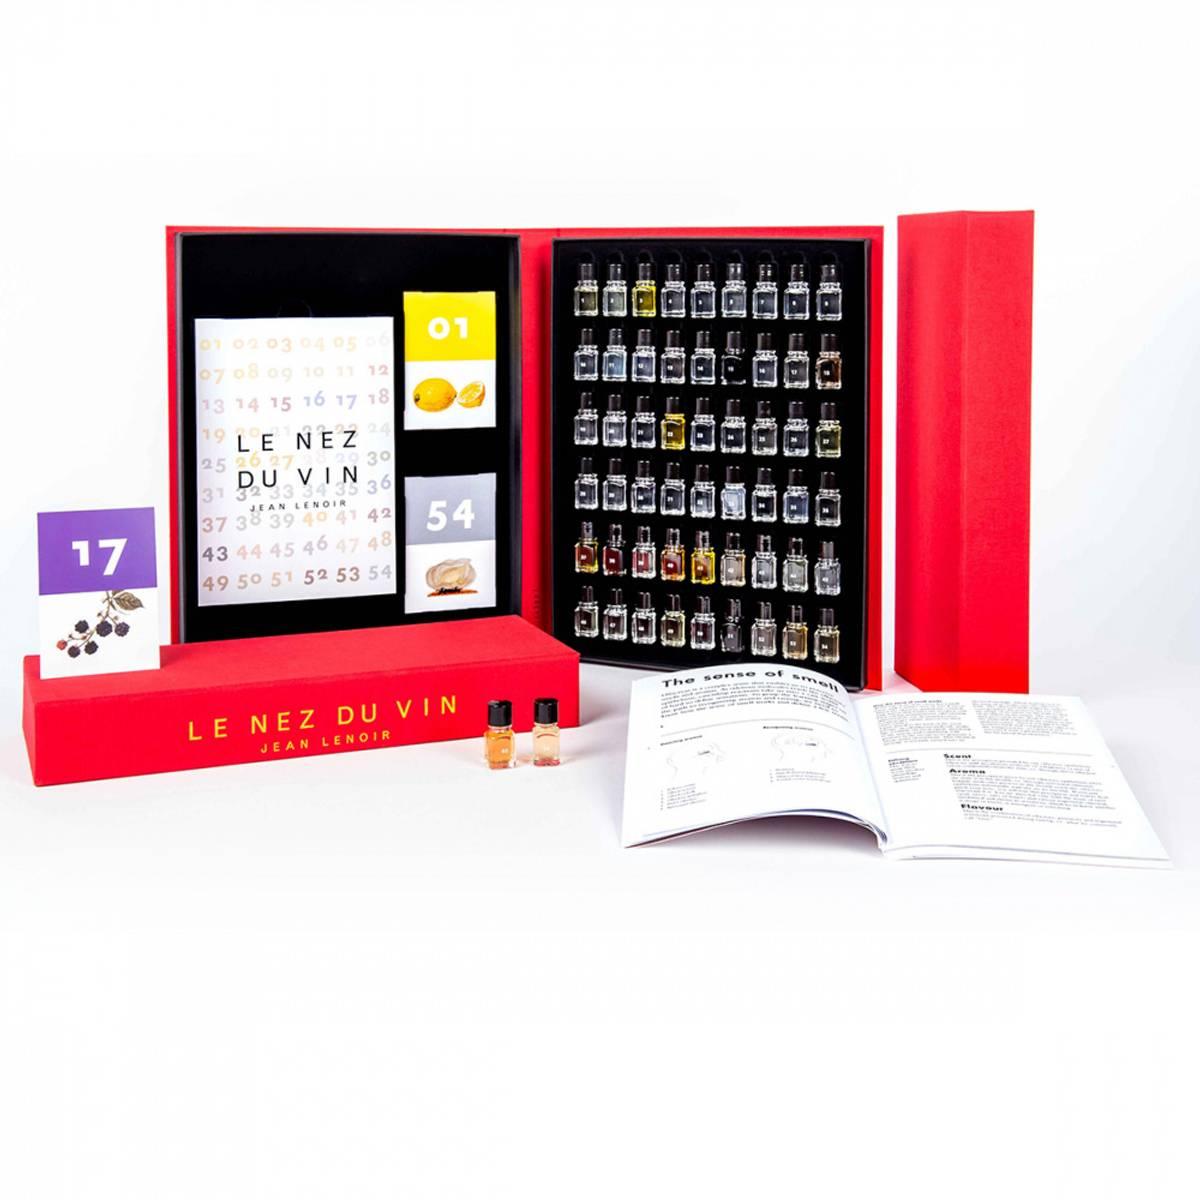 Le Nez aromasett - 54 aromaer for rødvin, hvitvin og musserende